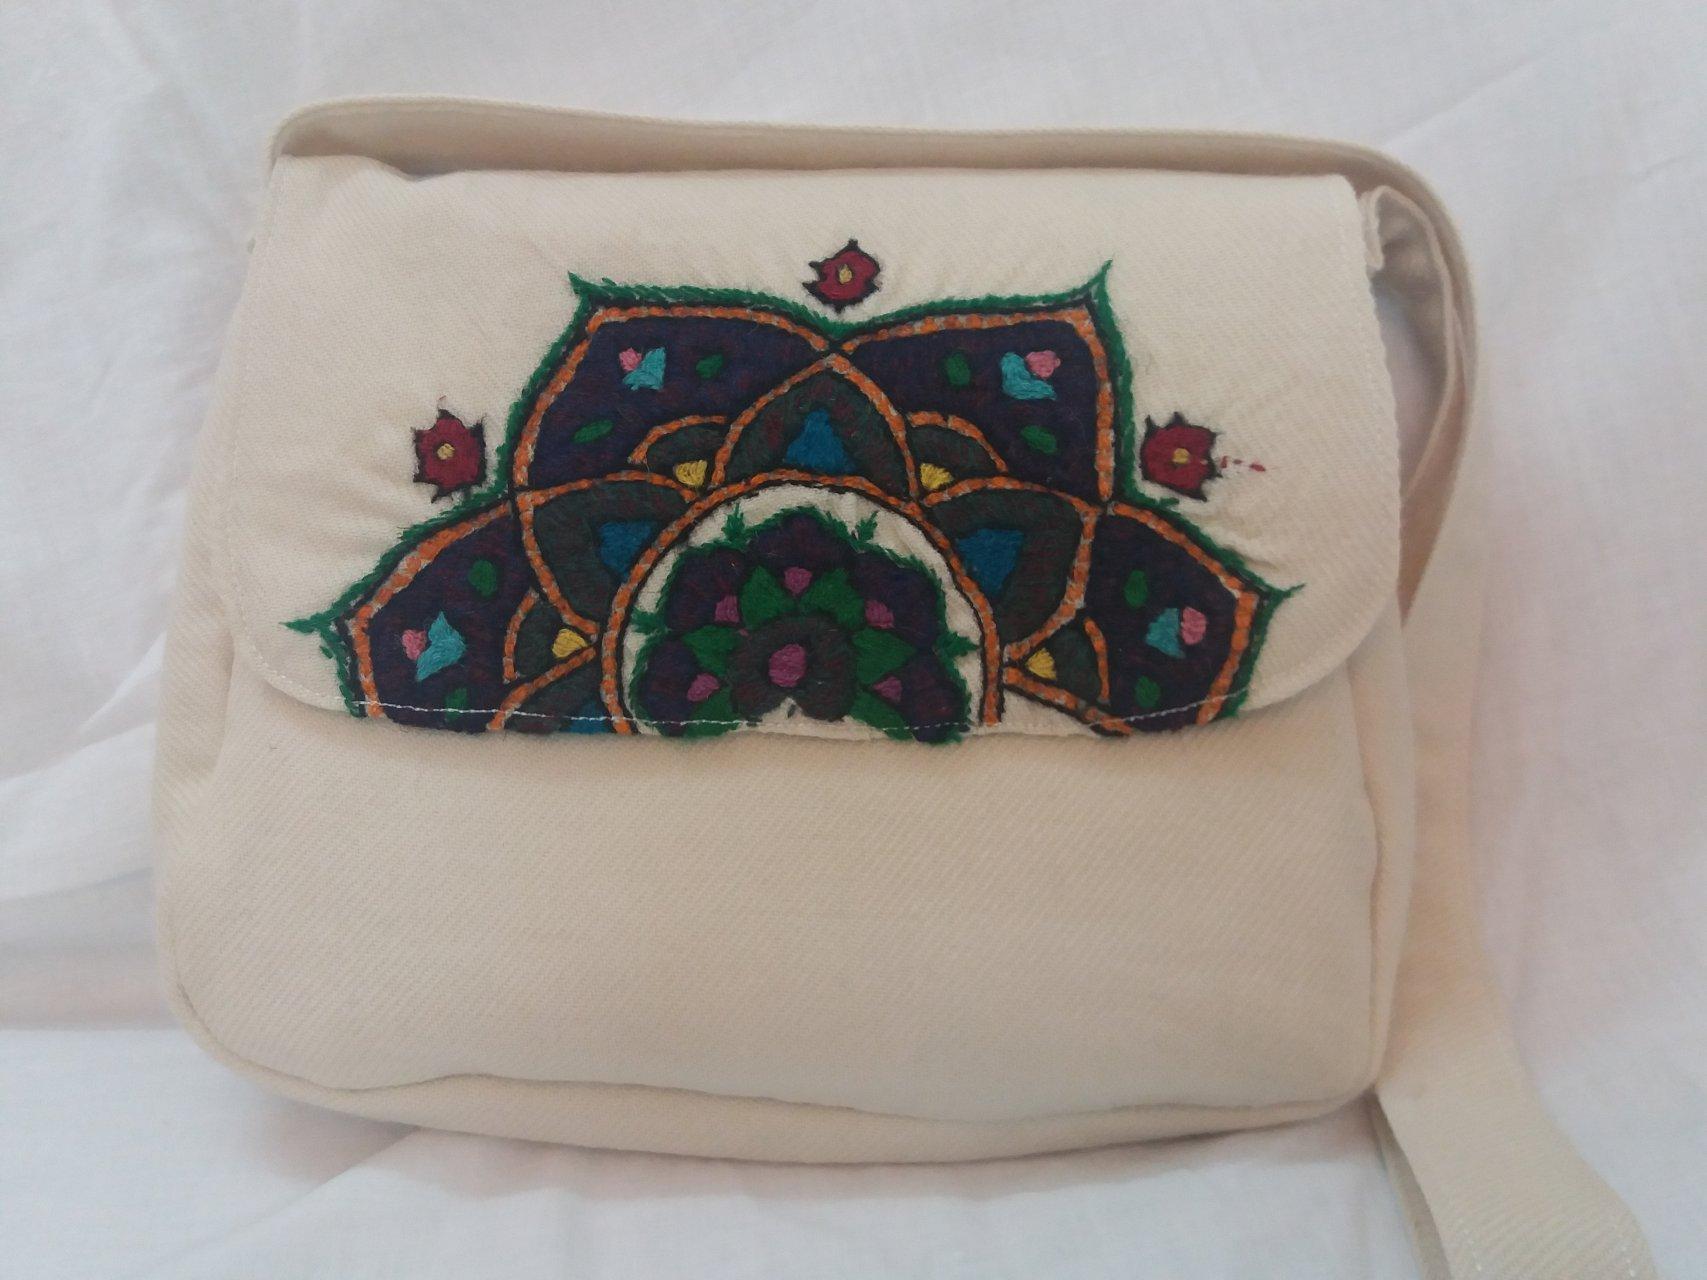 کیف زنانه رنگ سفید پته طرح ترنج